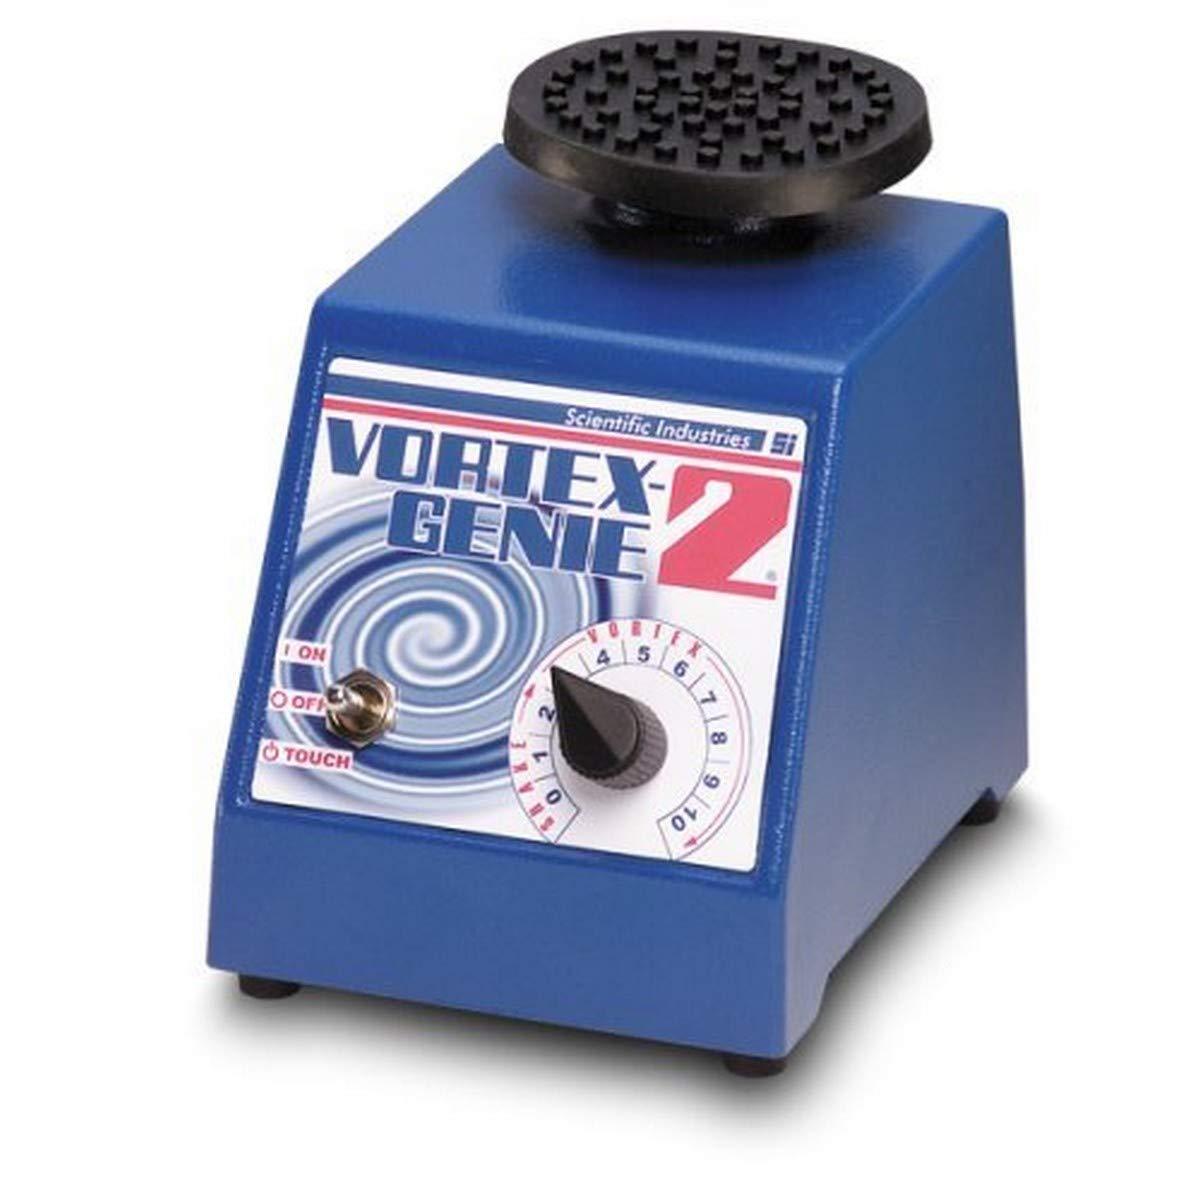 Scientific Industries Vortex-Genie G560 SI-0236 2 Shaker 600 to 3200 RPM 120 VAC